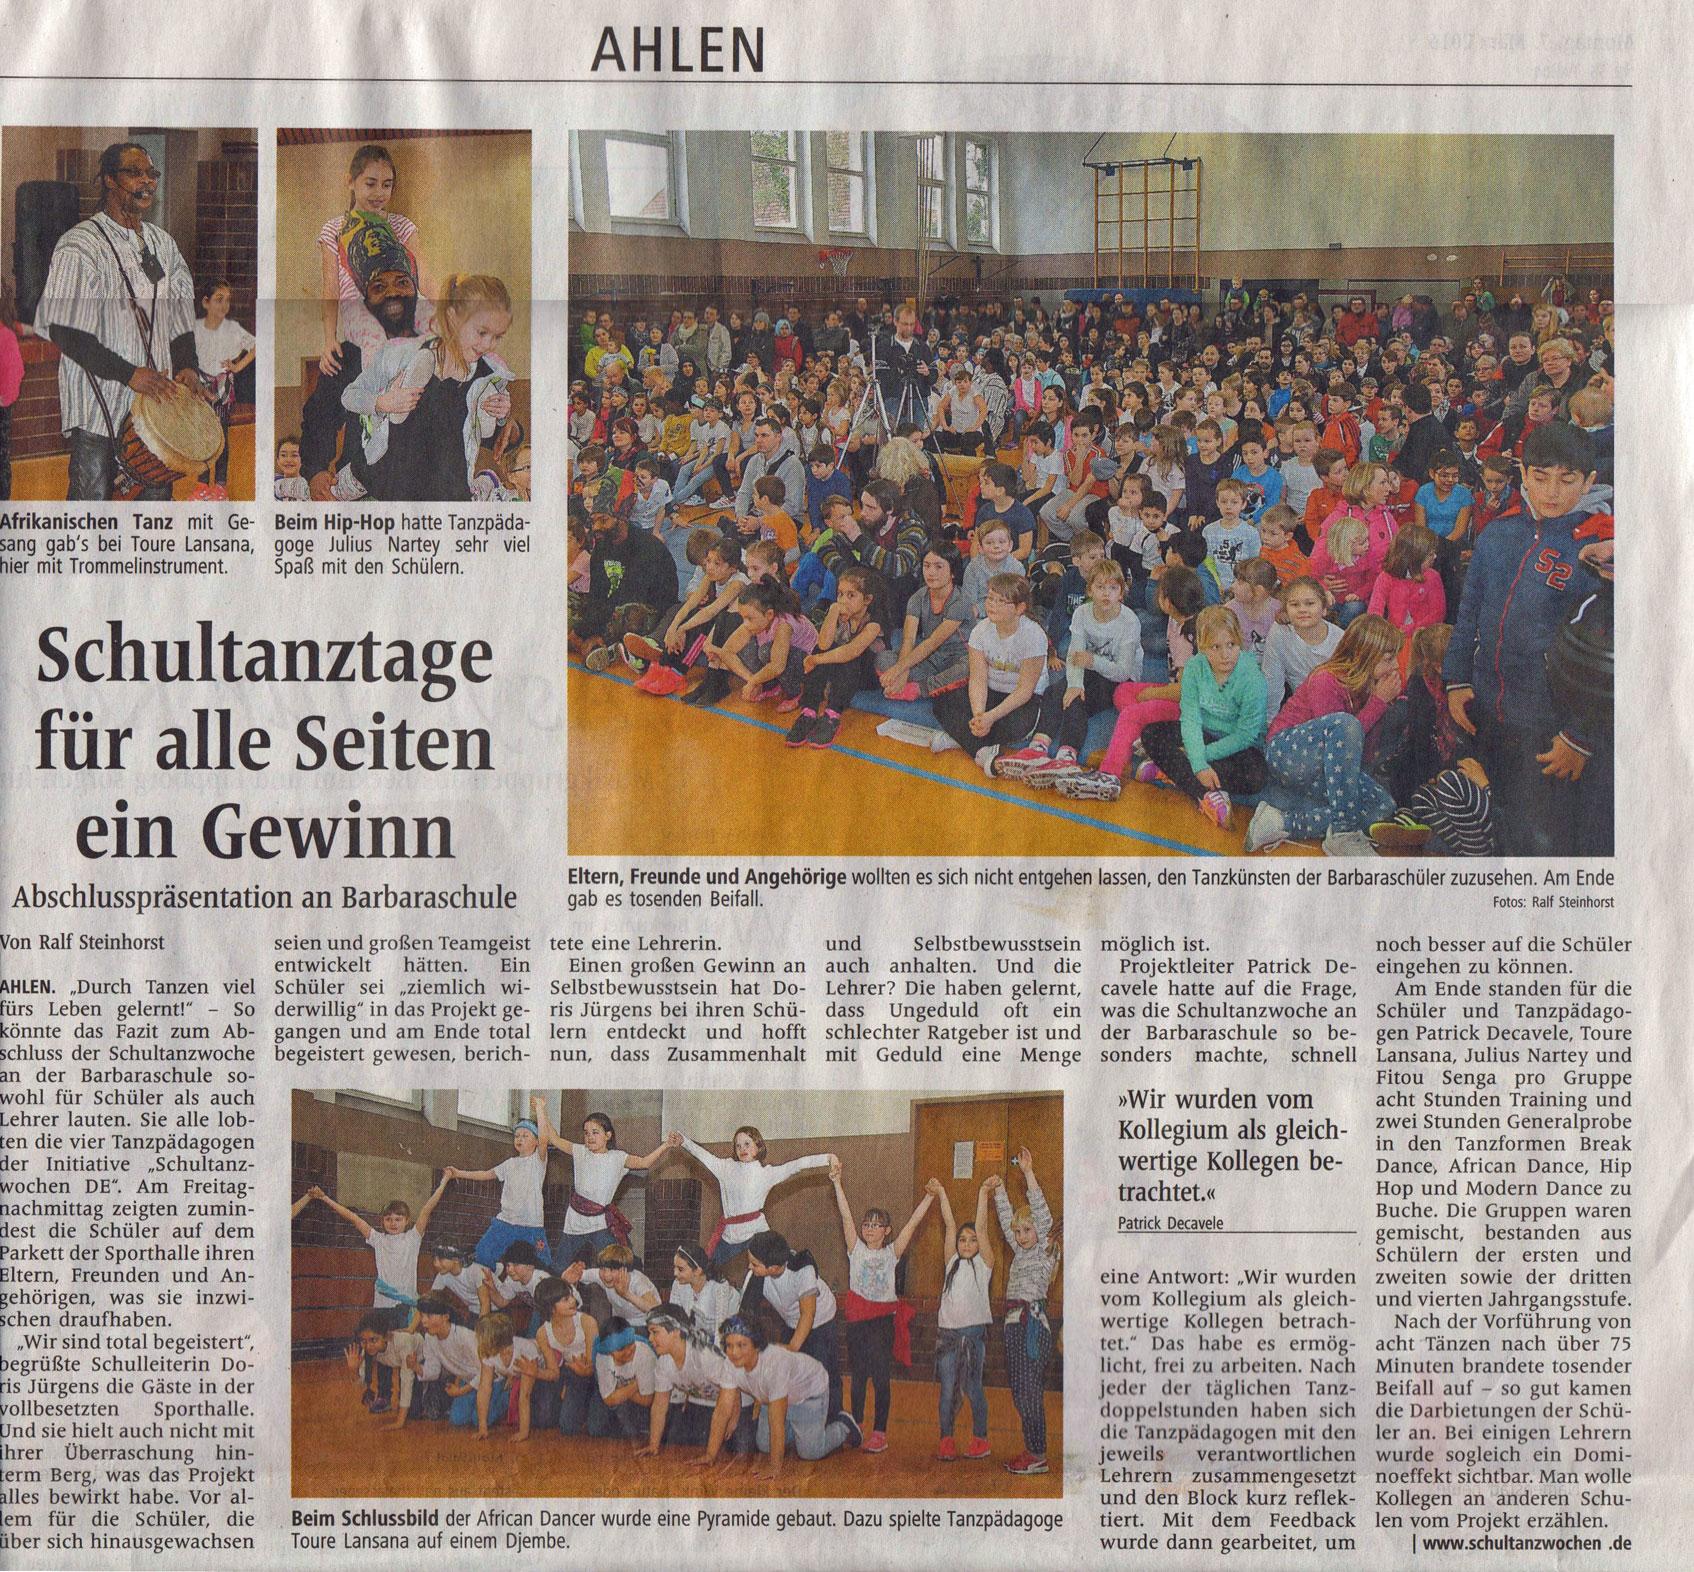 Ahlen1